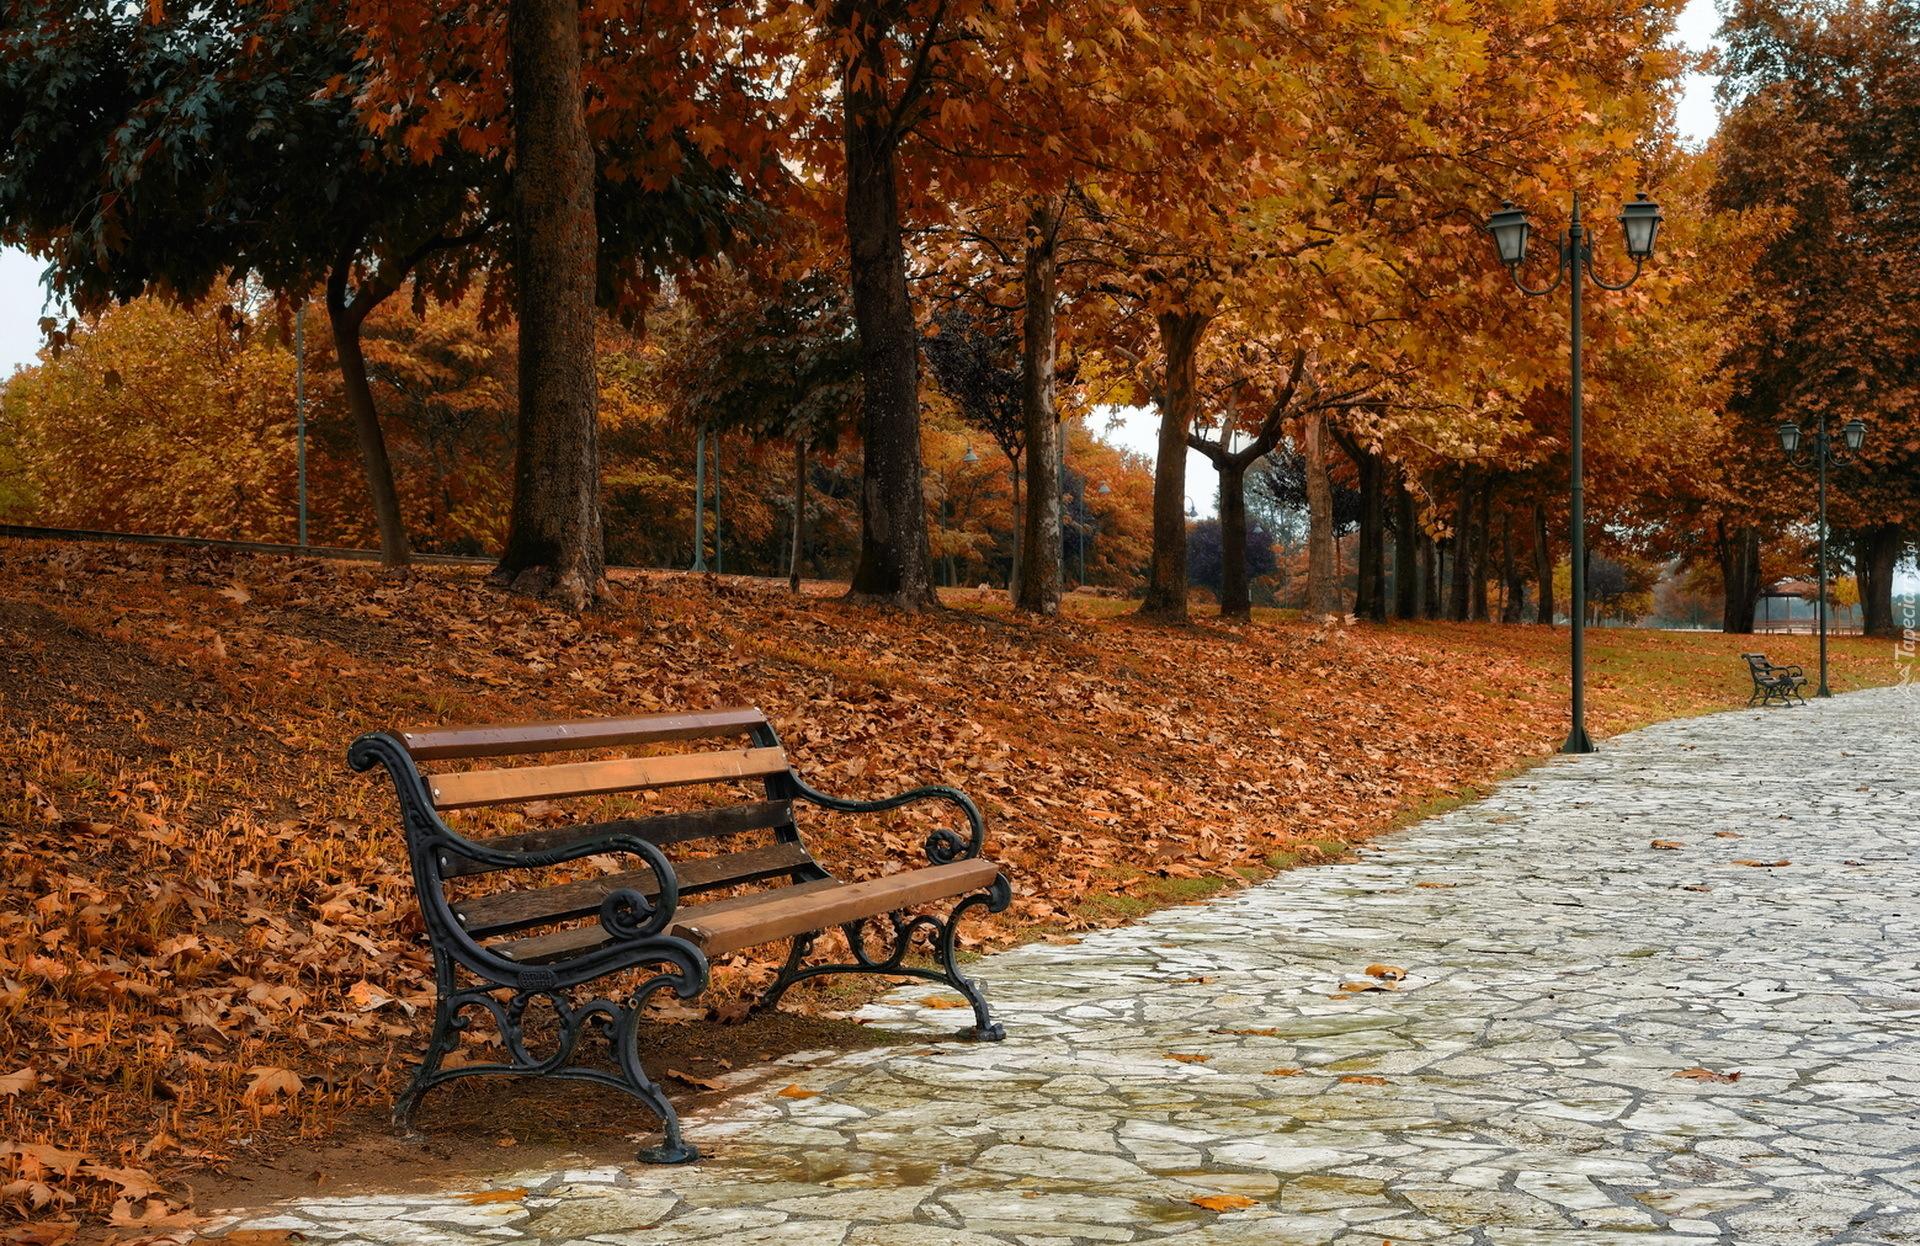 Smoky Mountains Fall Wallpaper Ławeczka Przy Alejce W Jesiennym Parku